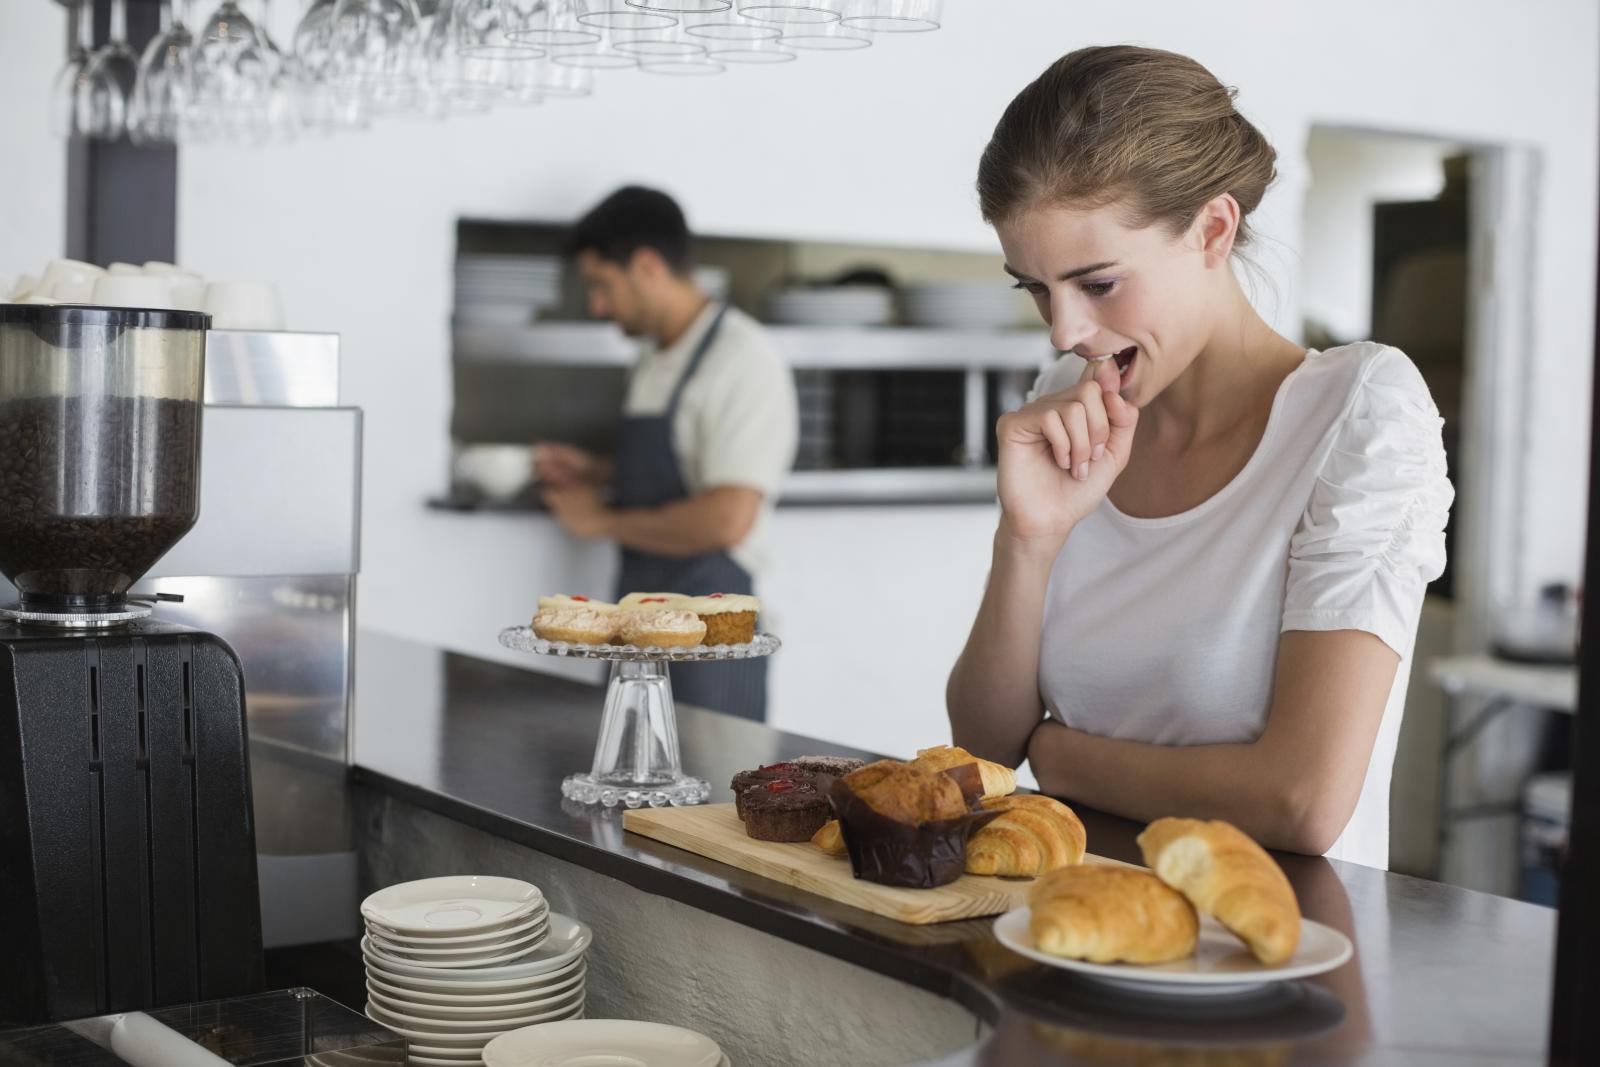 Prvo i najvažnije pravilo ako želite smanjiti kilograme je da jedete manje.